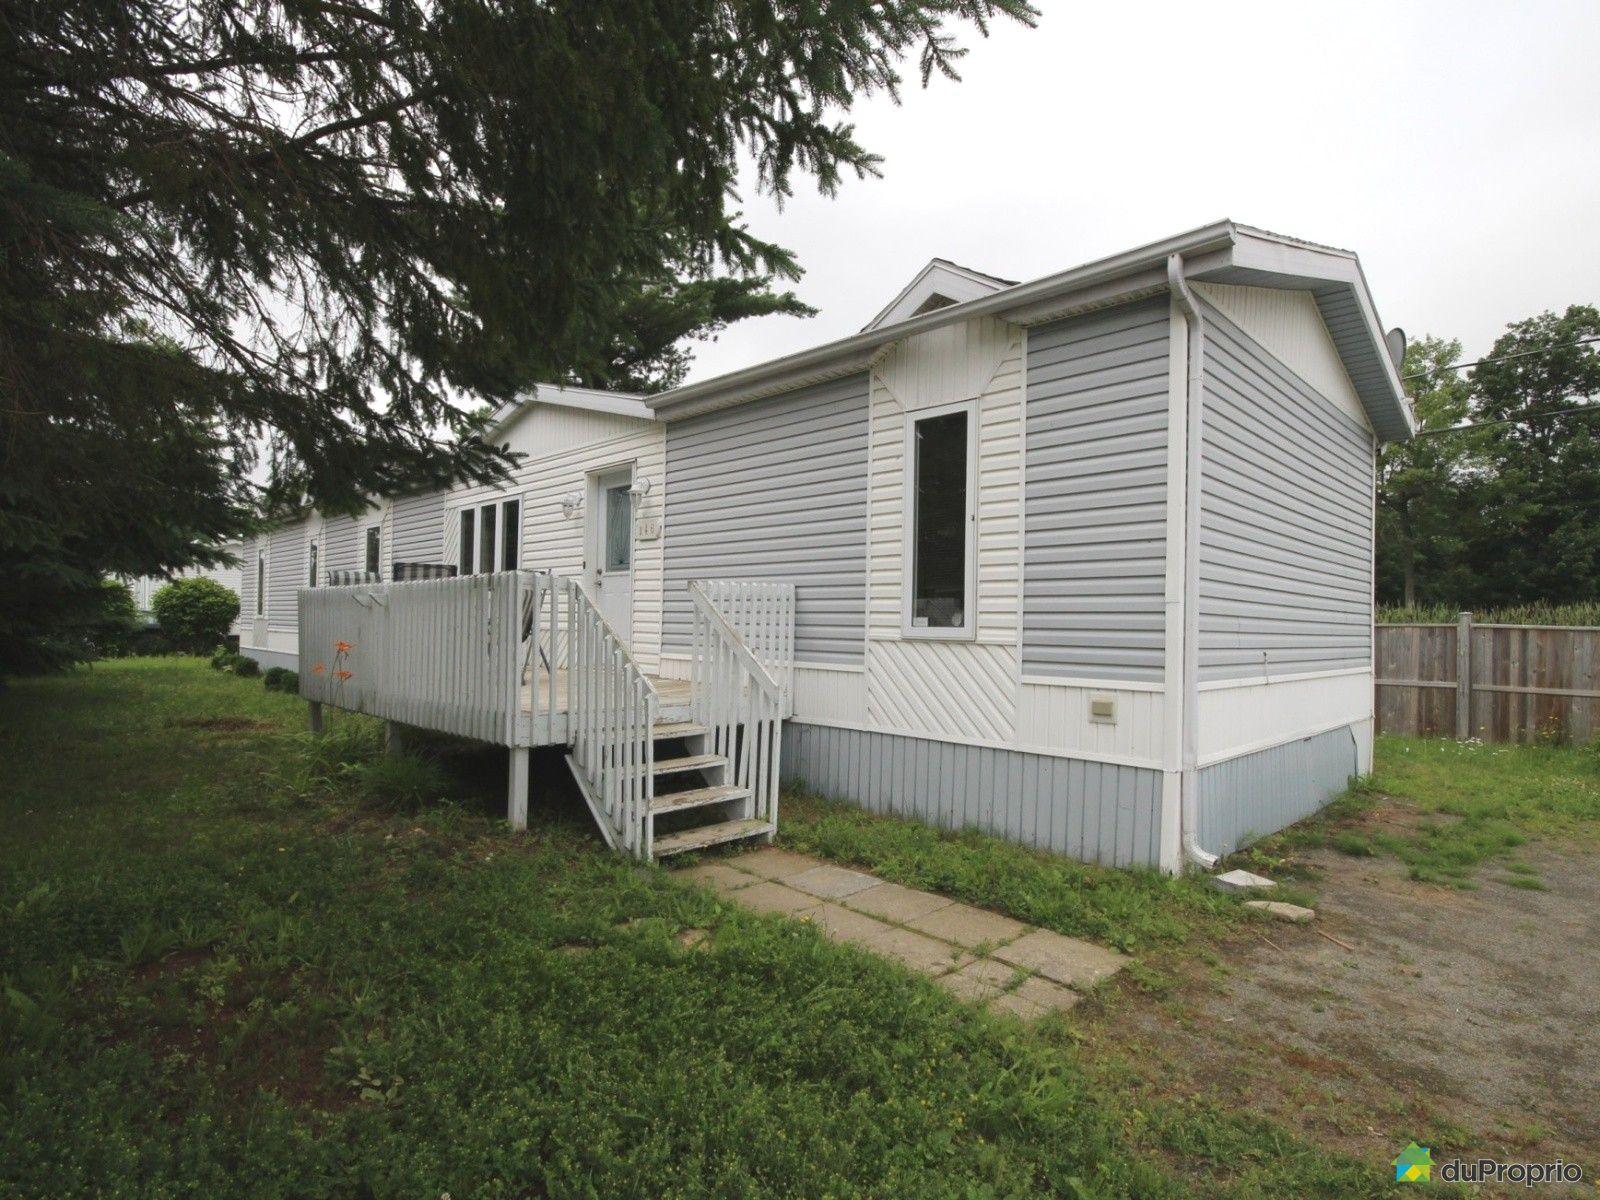 maison vendre st lin laurentides 146 rue du jardin. Black Bedroom Furniture Sets. Home Design Ideas